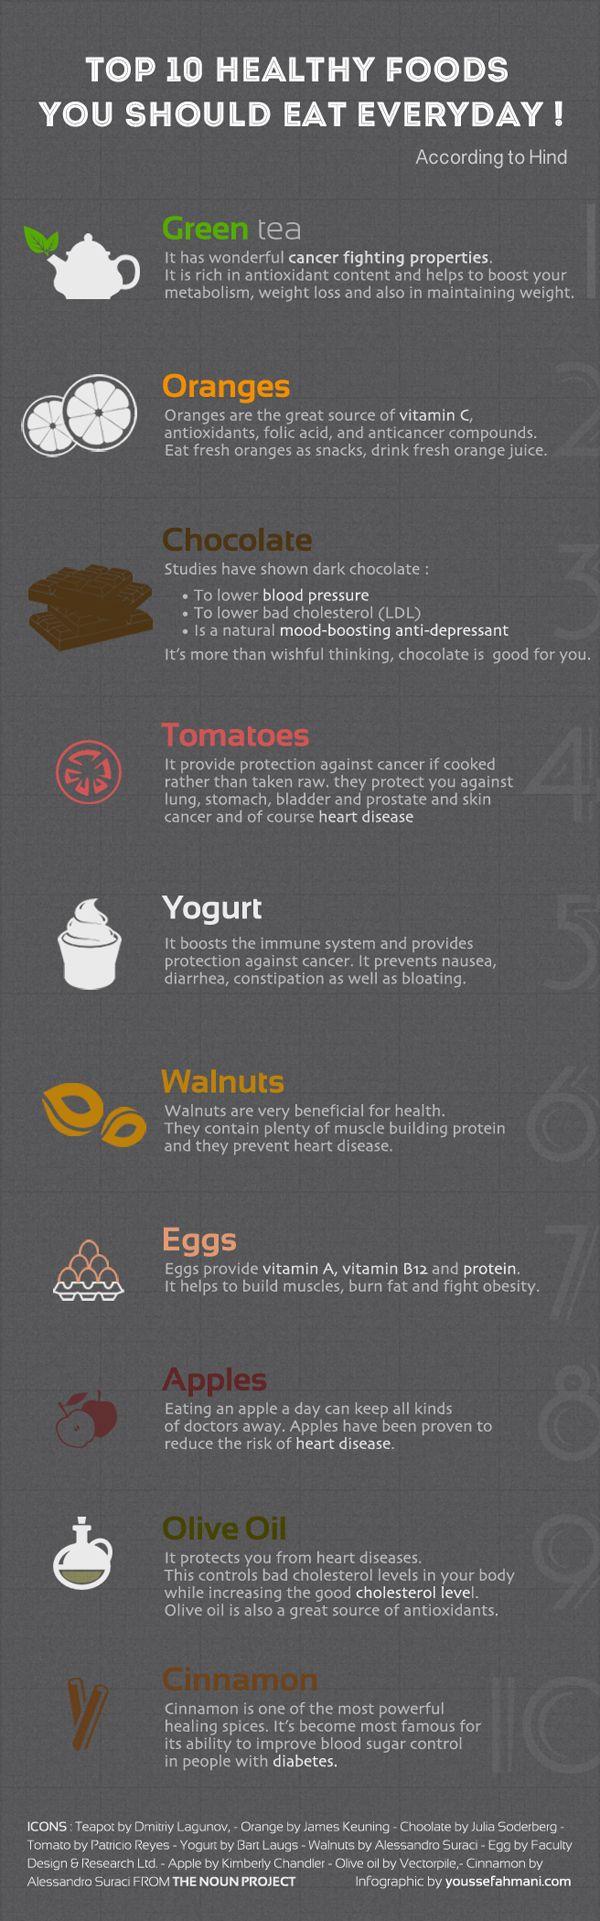 Als je streeft naar een fit en gezond lijf is het slim om te beginnen met fatsoenlijk te eten. Sommige voedingsmiddelen zijn echte health boosters: extra gezond en kunnen net even die boost energie geven die je nodig hebt. Zo kan yoghurt helpen om je immuunsysteem op peil te houden en helpen tomaten onder andere …